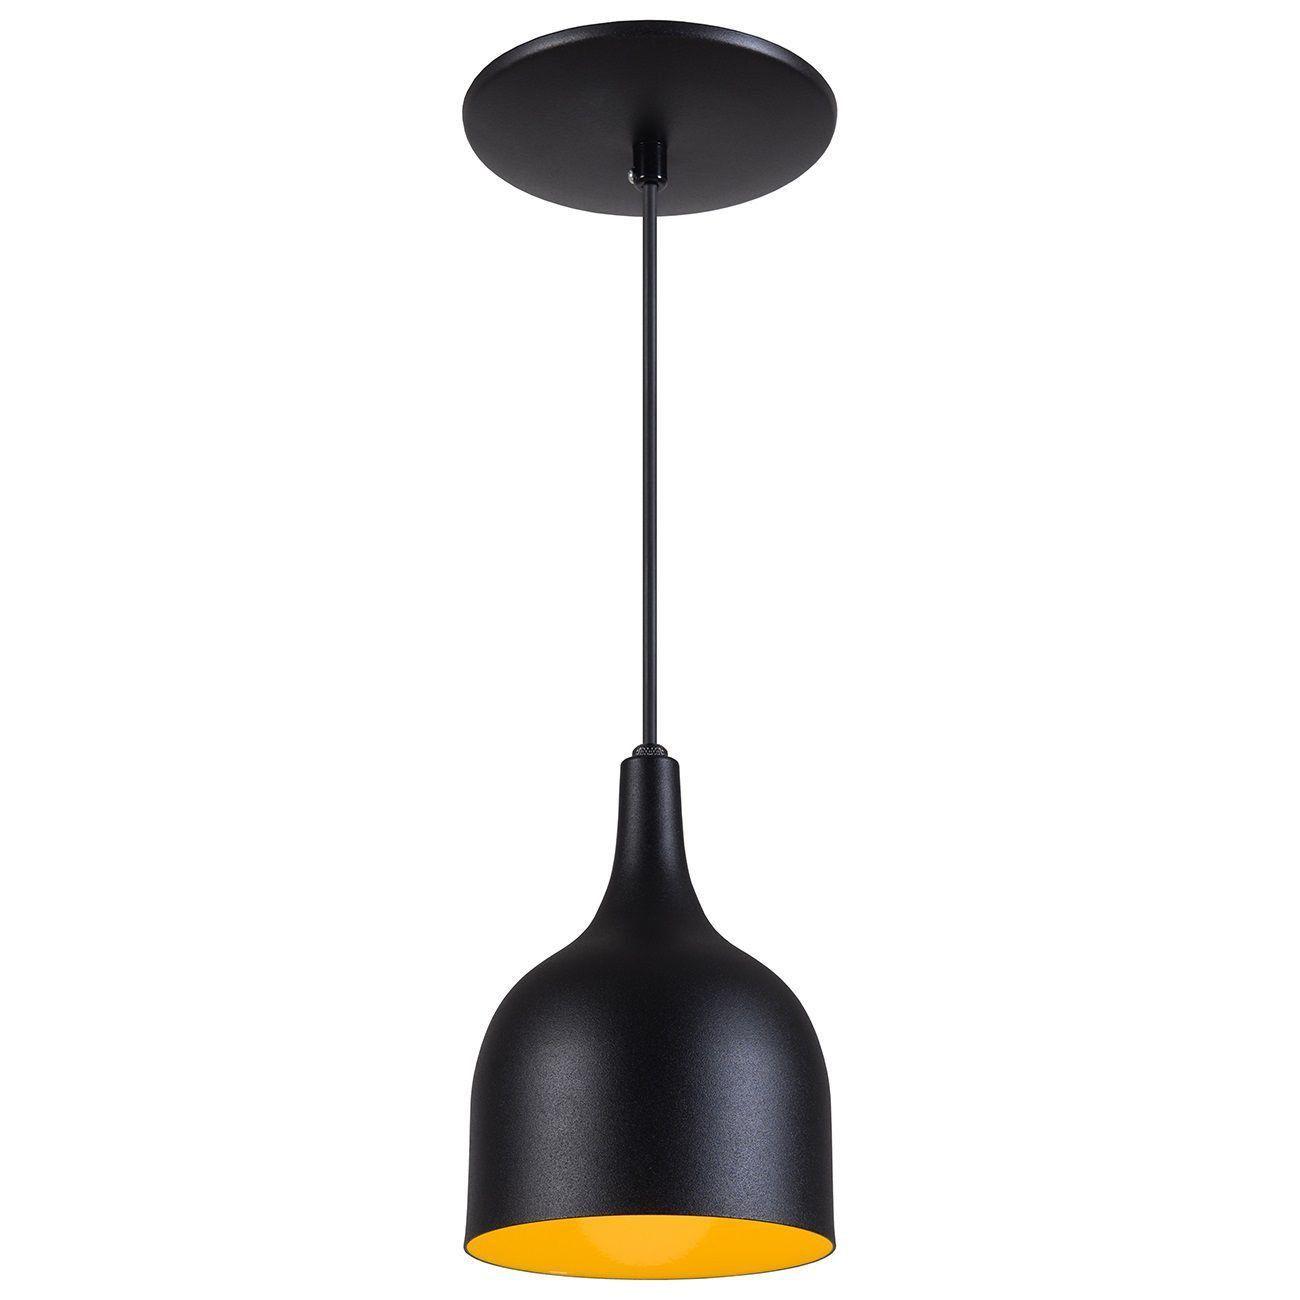 Pendente Gota Teat Luminária Lustre Alumínio Preto Textura C/ Amarelo - Rei Da Iluminação